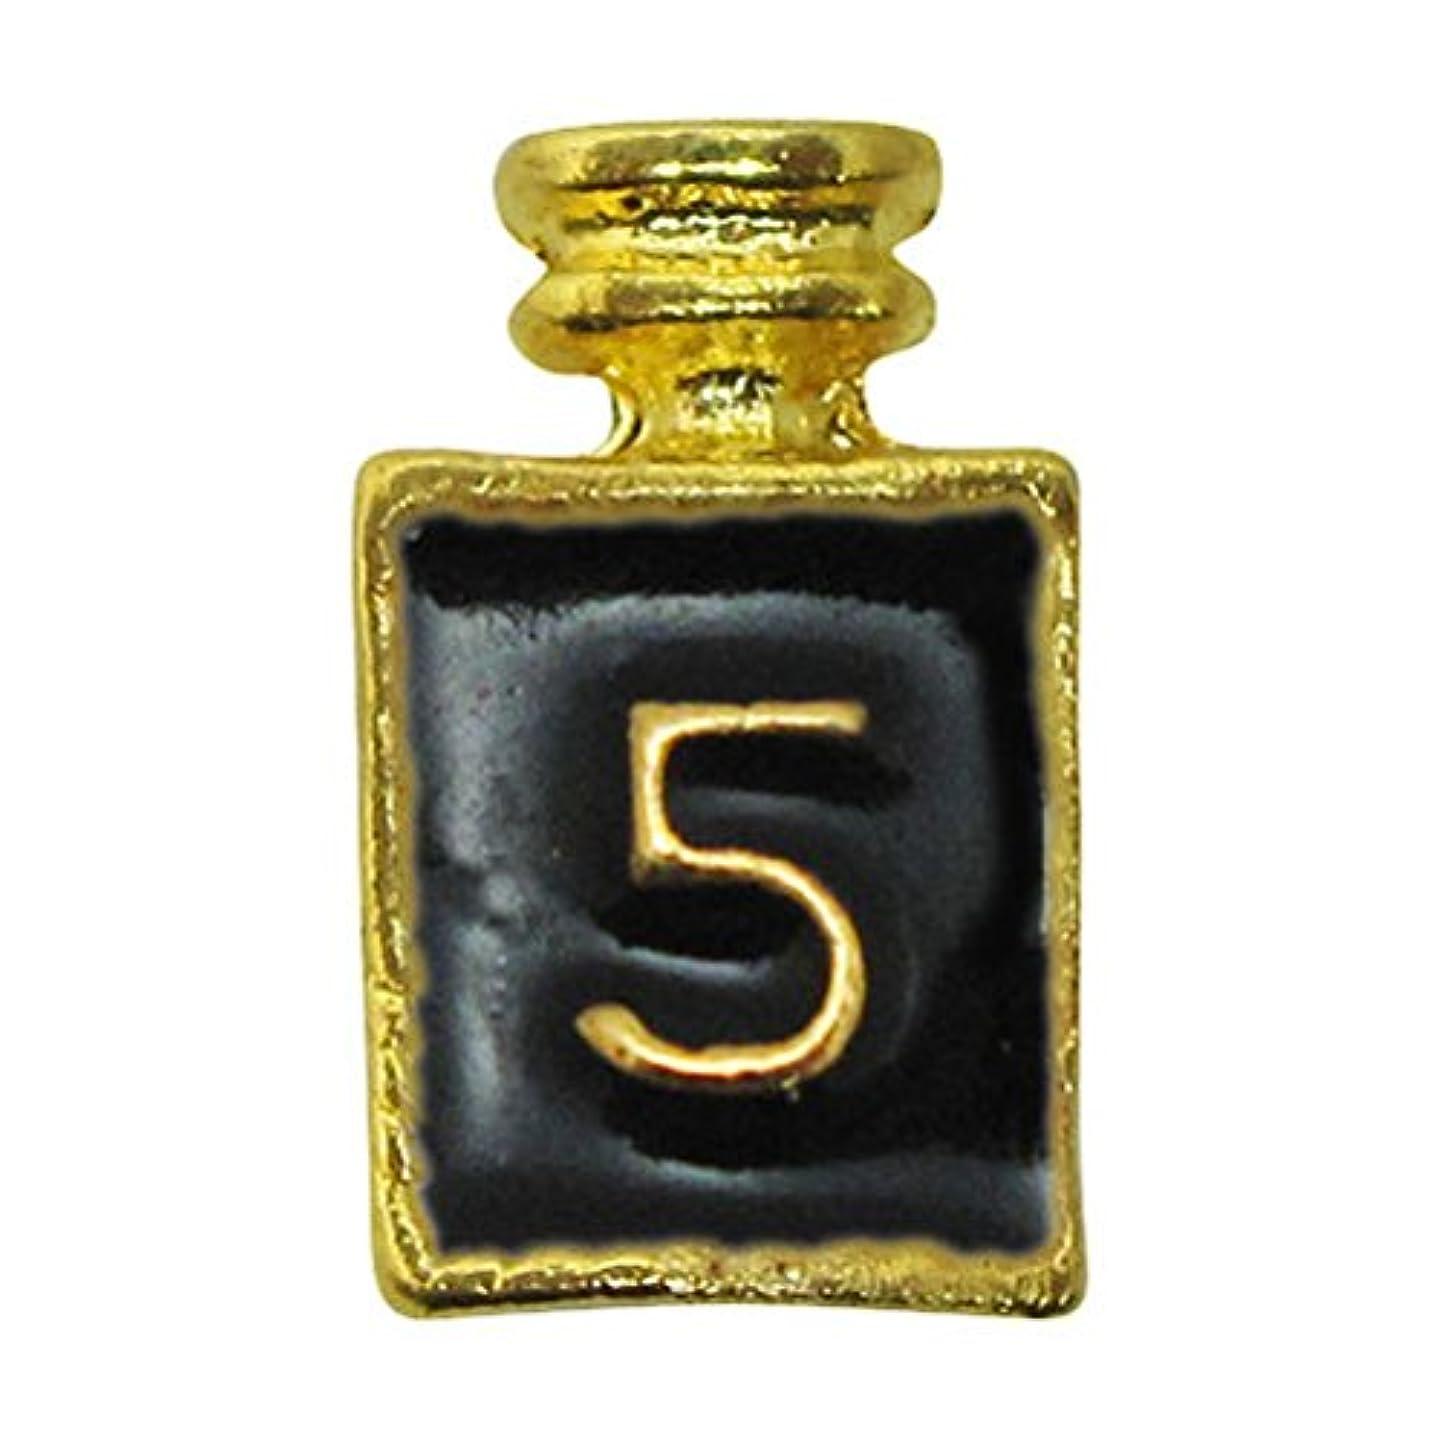 何もないオーナーそこサンシャインベビー ジェルネイル コロン No.5 ブラック 2P